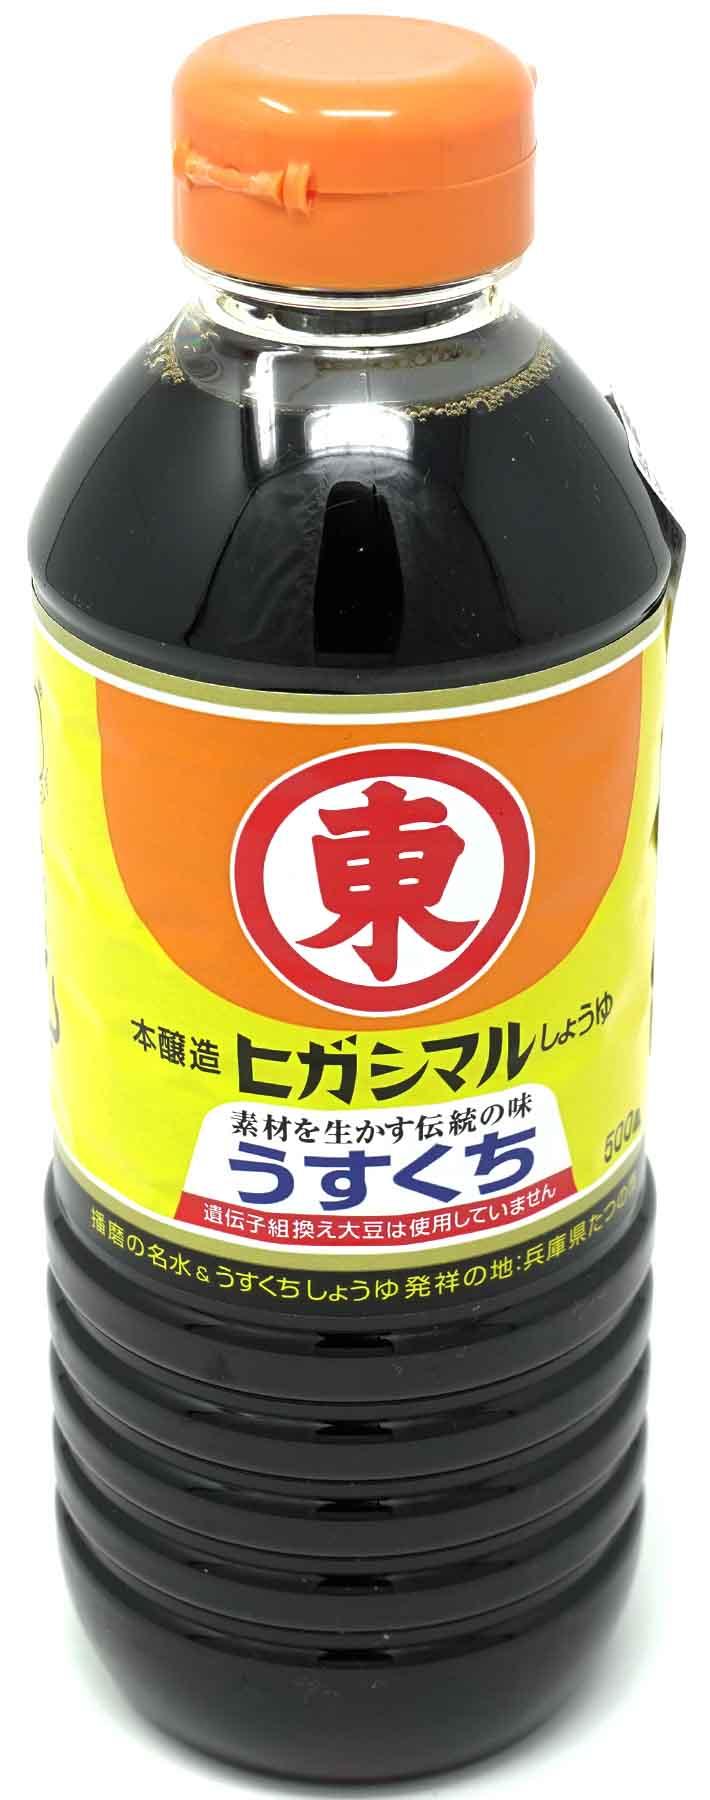 Higashimaru Usukuchi Shoya Sojasoße, 500 ml